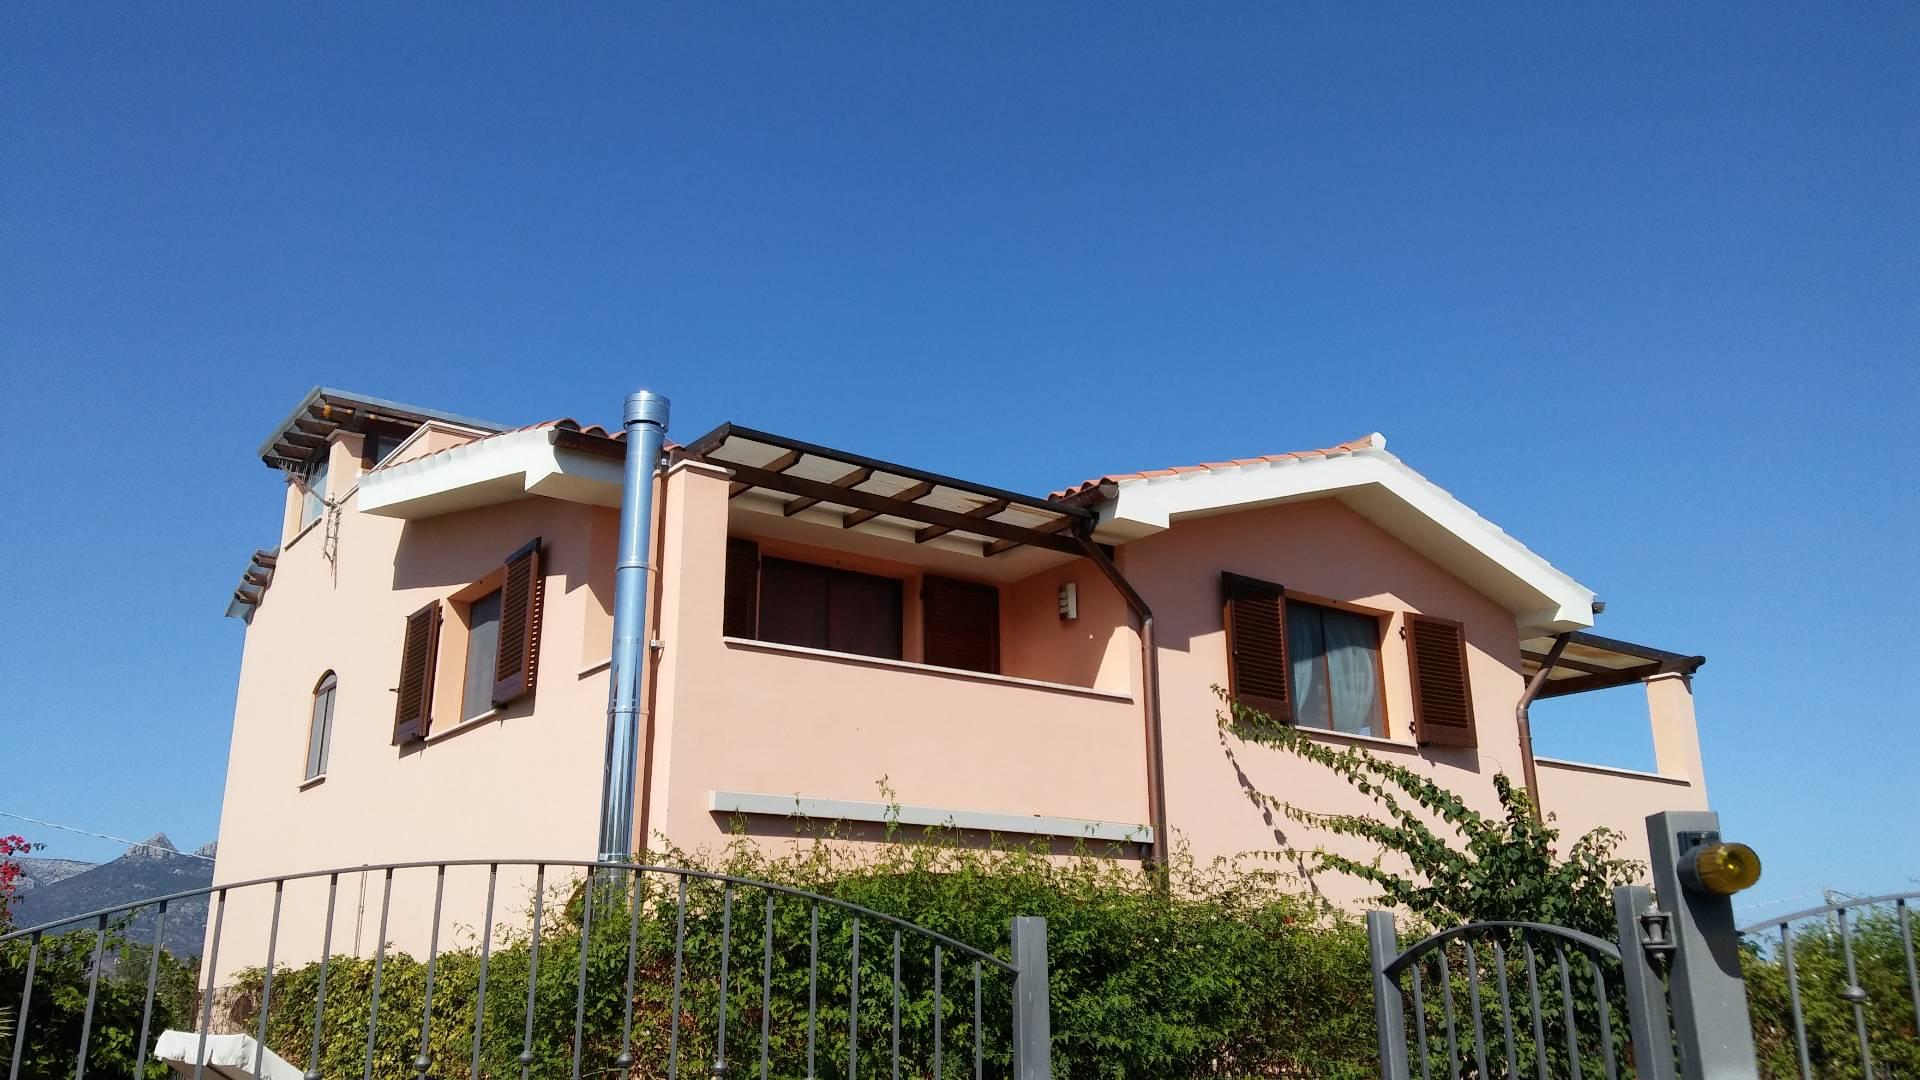 Appartamento in vendita a Girasole, 3 locali, prezzo € 140.000 | Cambio Casa.it